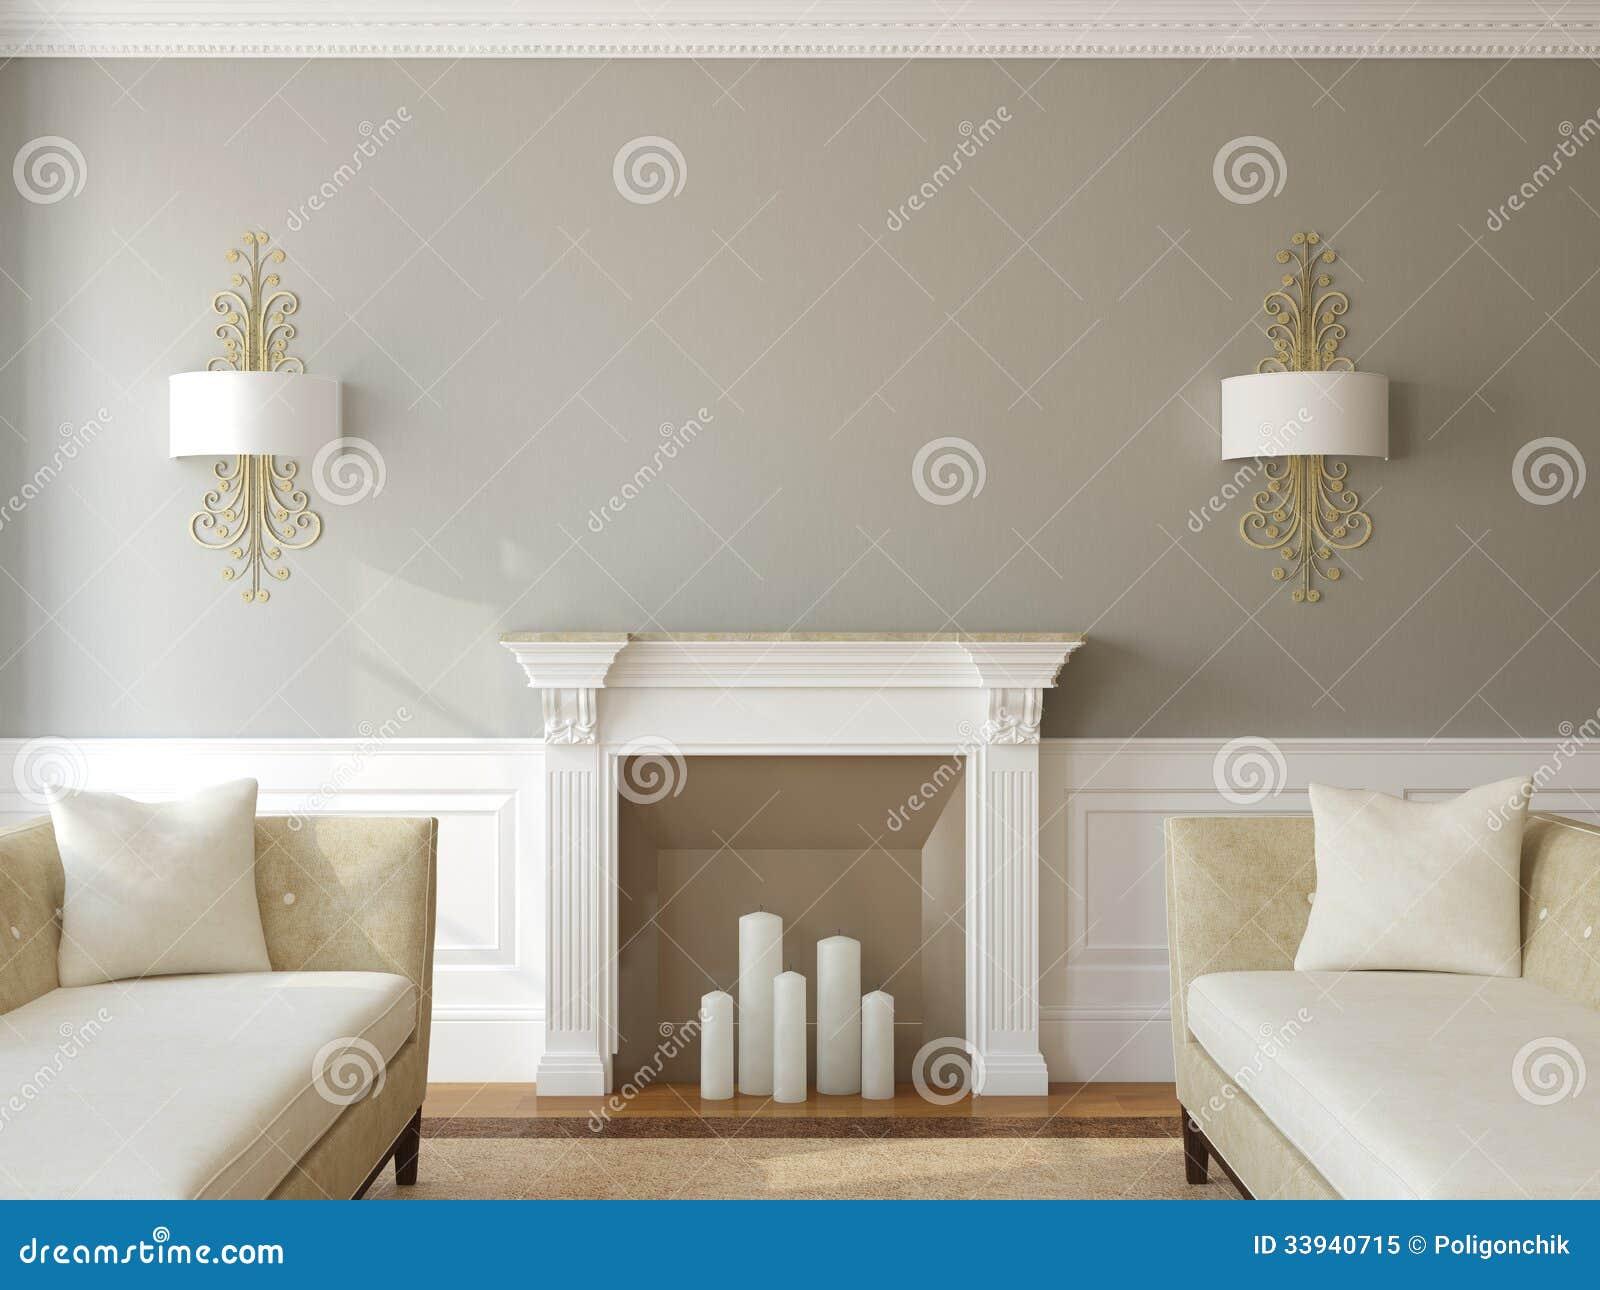 Moderne woonkamer met open haard. royalty vrije stock foto ...